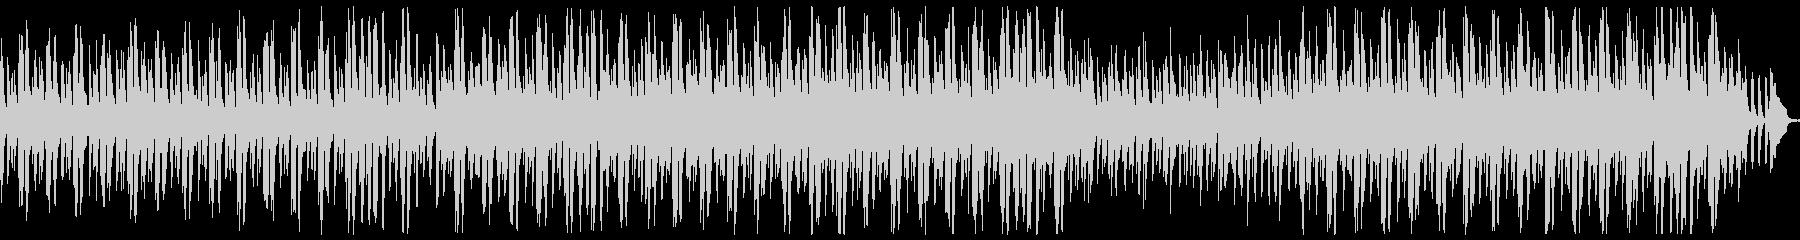 【リズム・ベース抜き】口笛の軽快なアコ…の未再生の波形